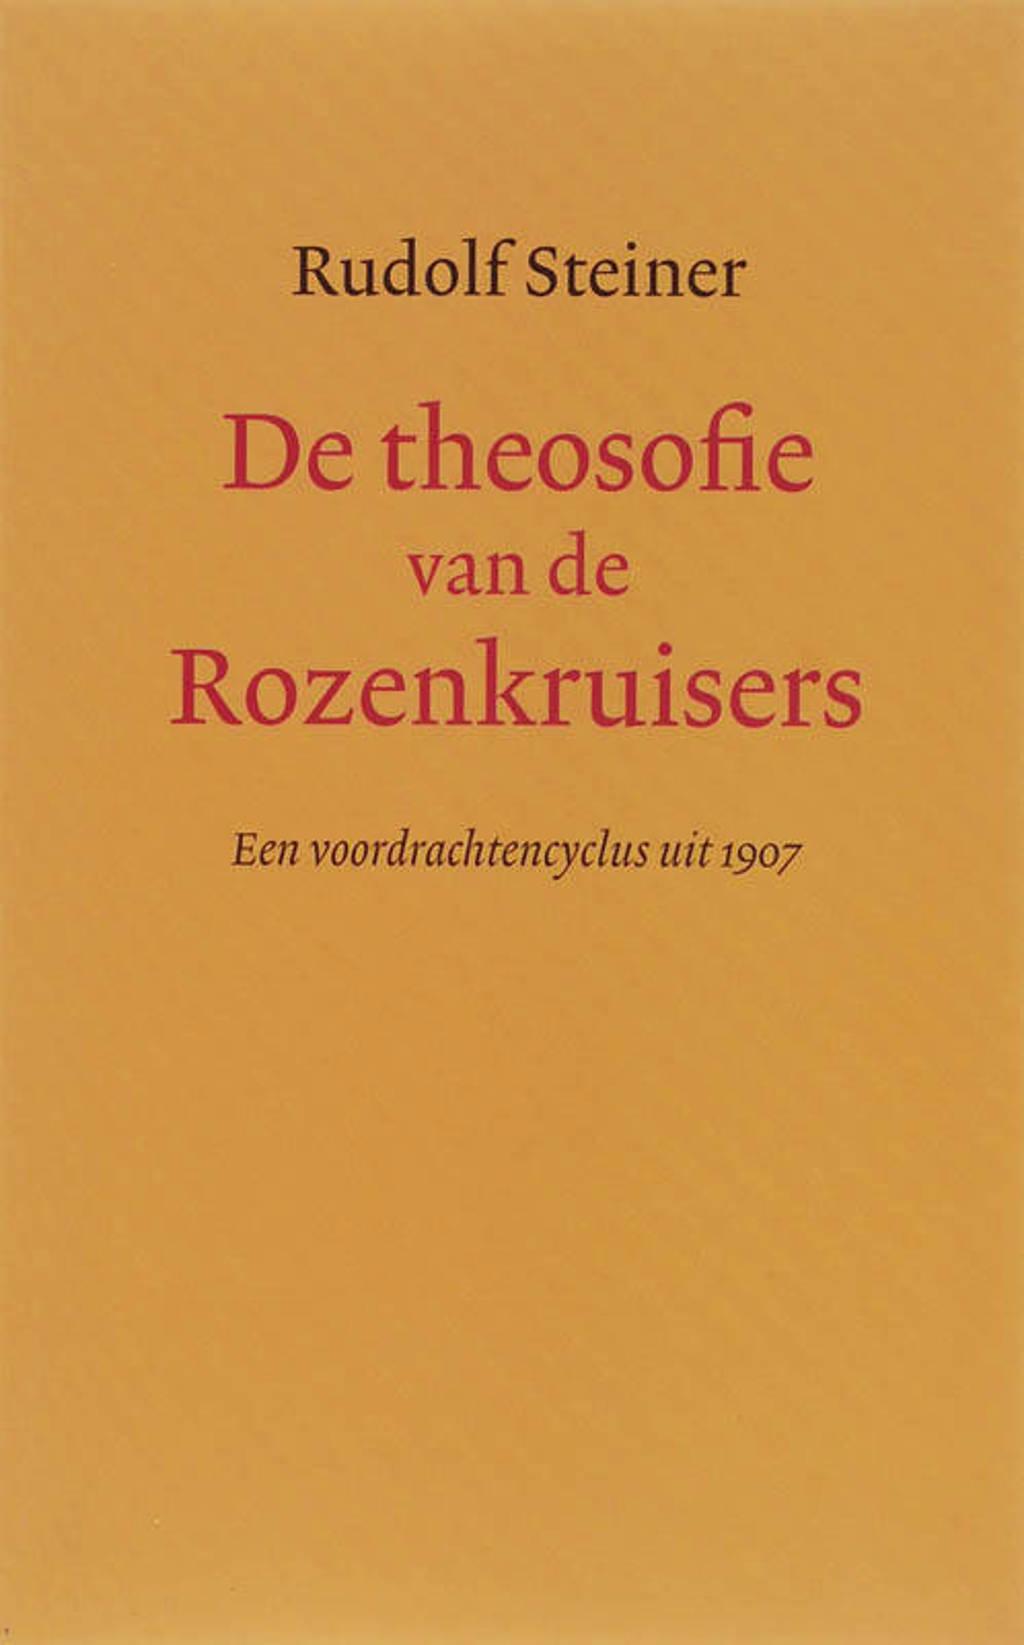 De theosofie van de Rozenkruisers - Rudolf Steiner en G. Zunneberg